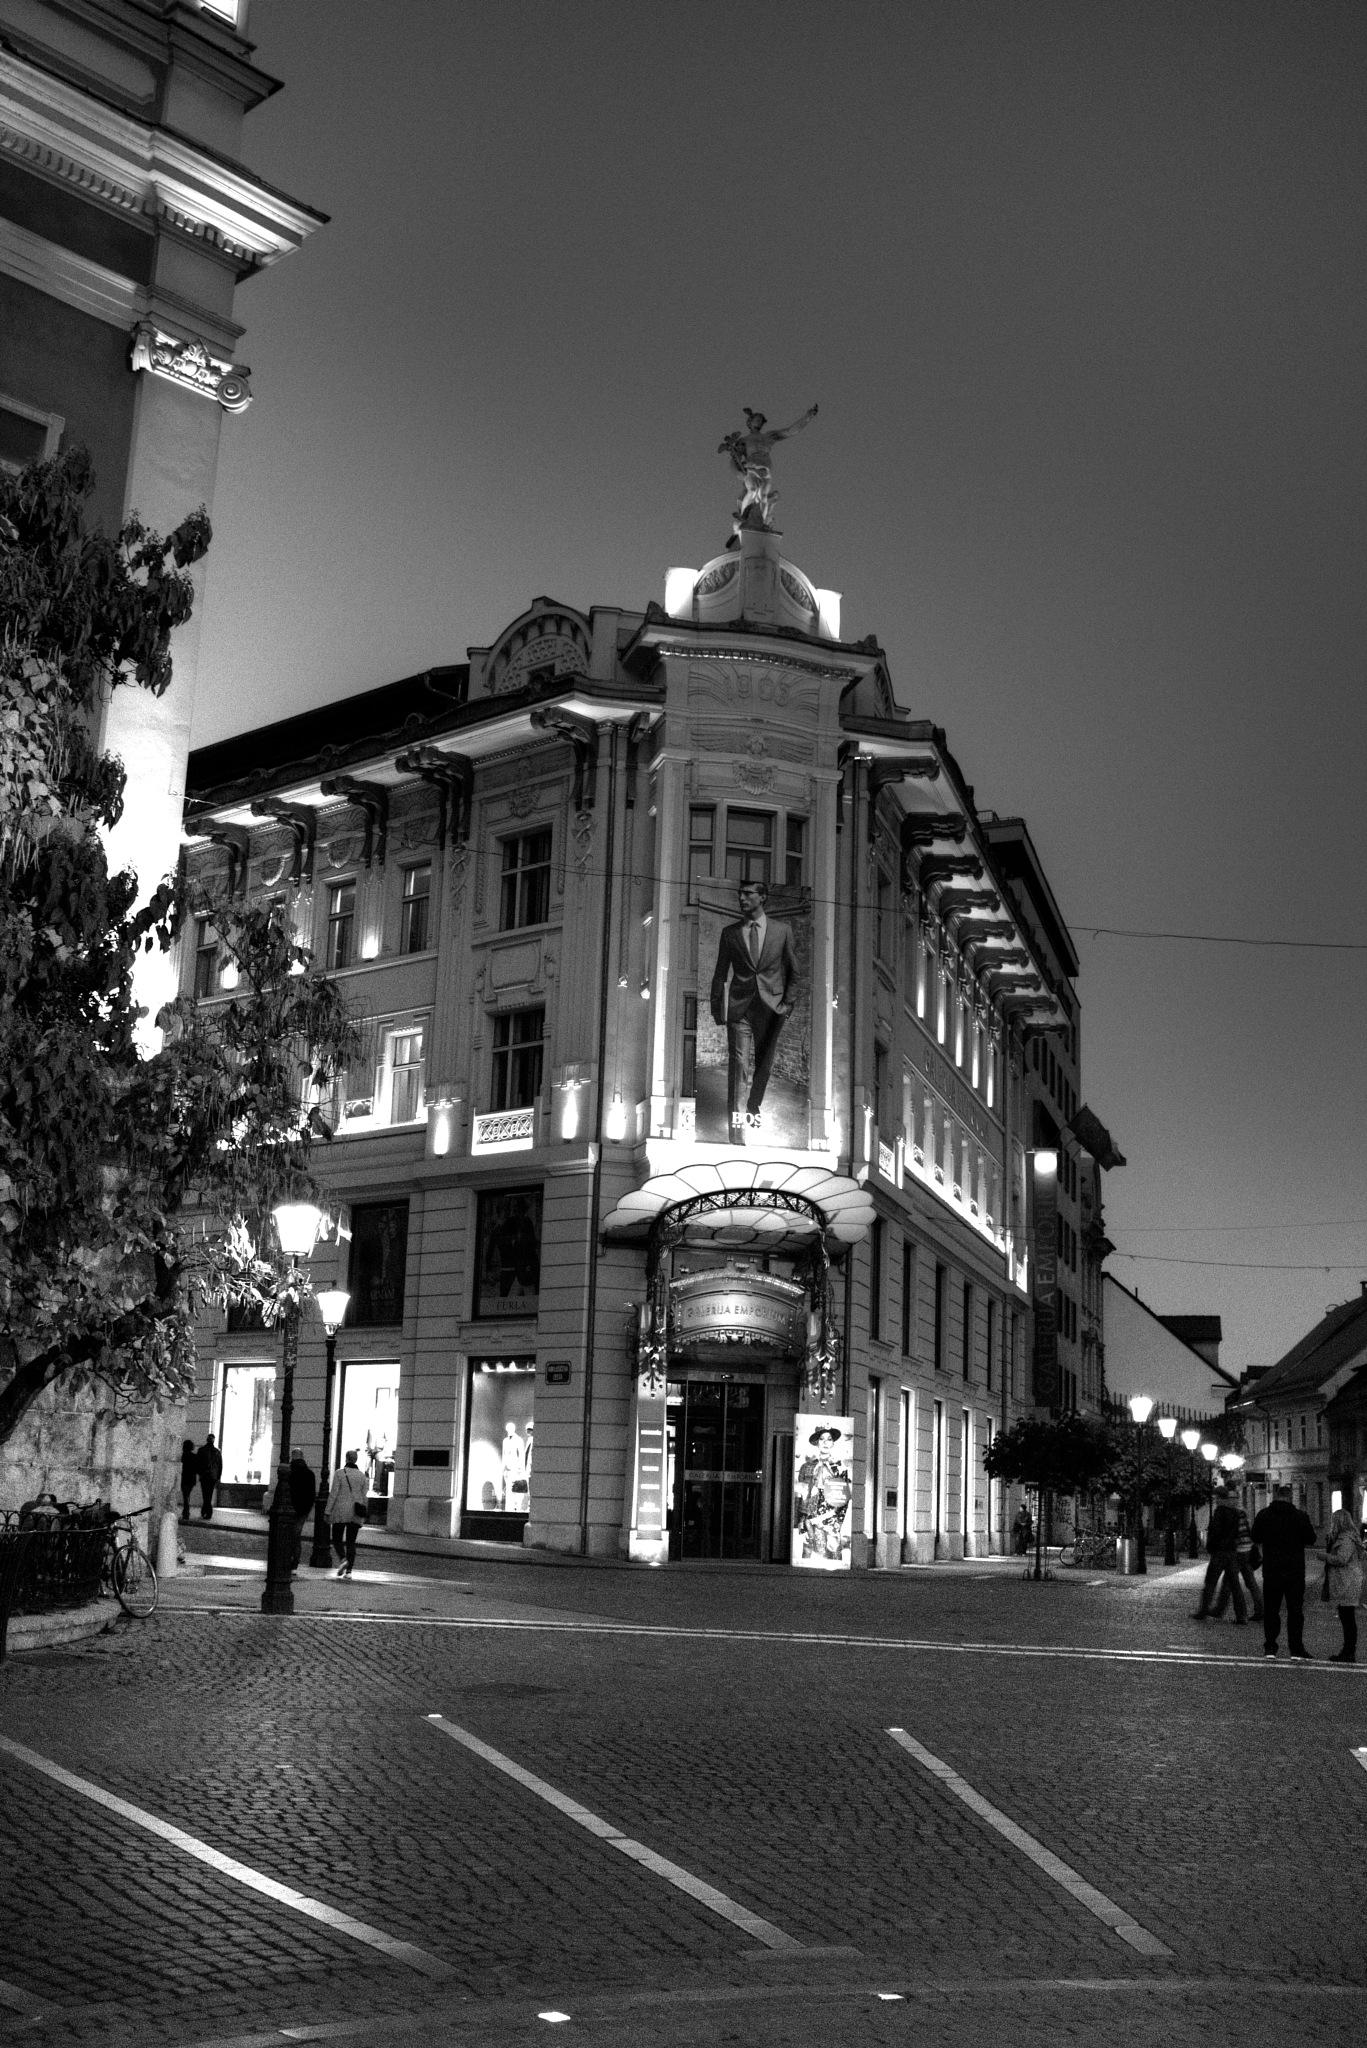 Prešeren square (CR2) by zvnktomasevic